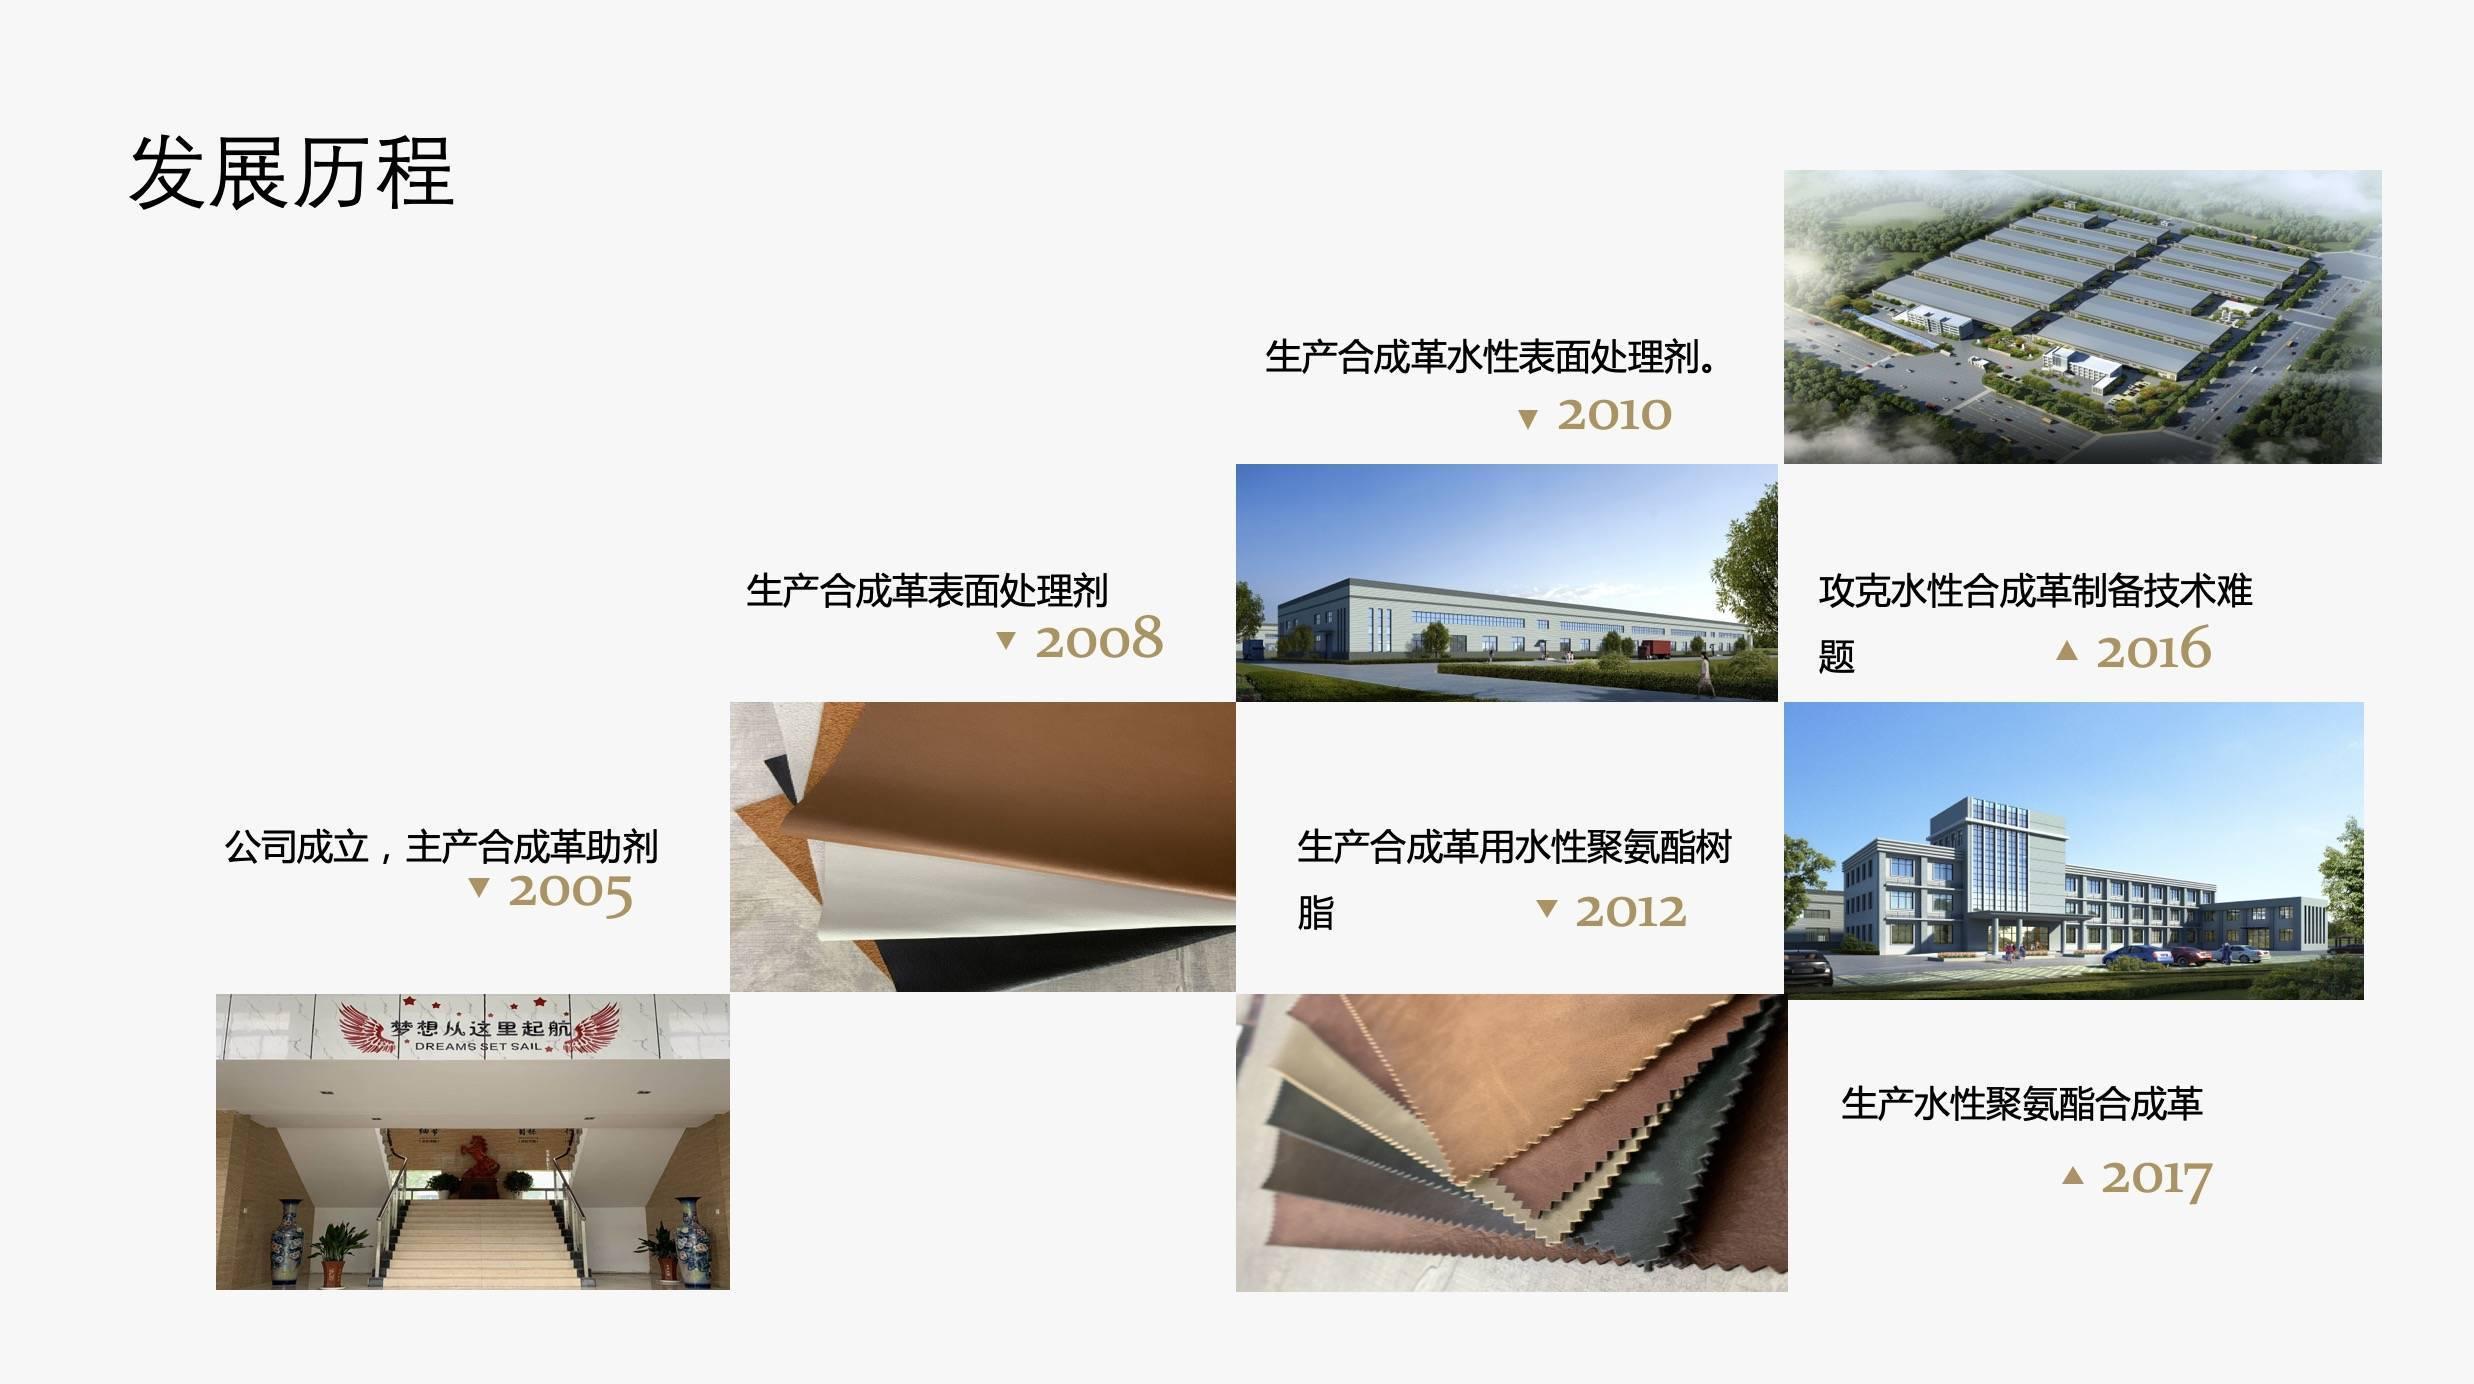 淮安凯悦科技开发有限公司-水性合成革